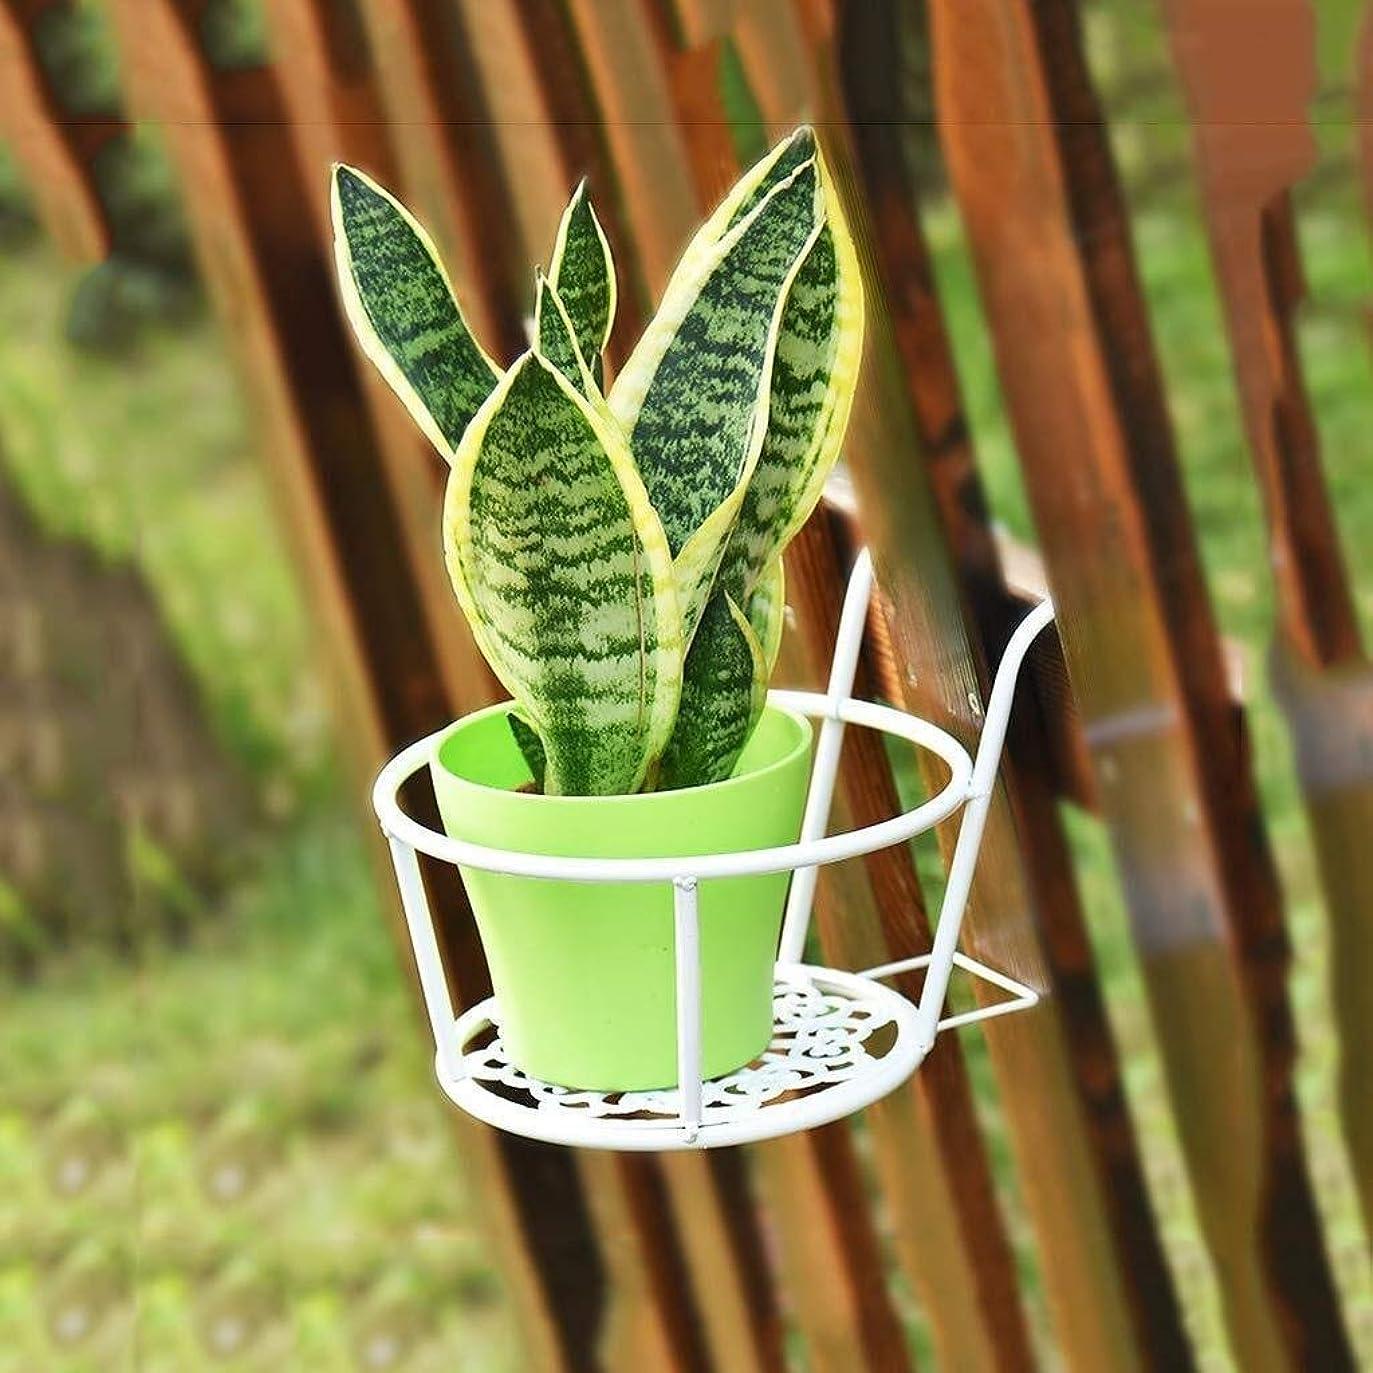 プラットフォームペインギリック迫害する花瓶 ガーデニング金属多機能フラワースタンドモノクロパーム工場花大緑白中空18 * 19センチメートル (Color : White)